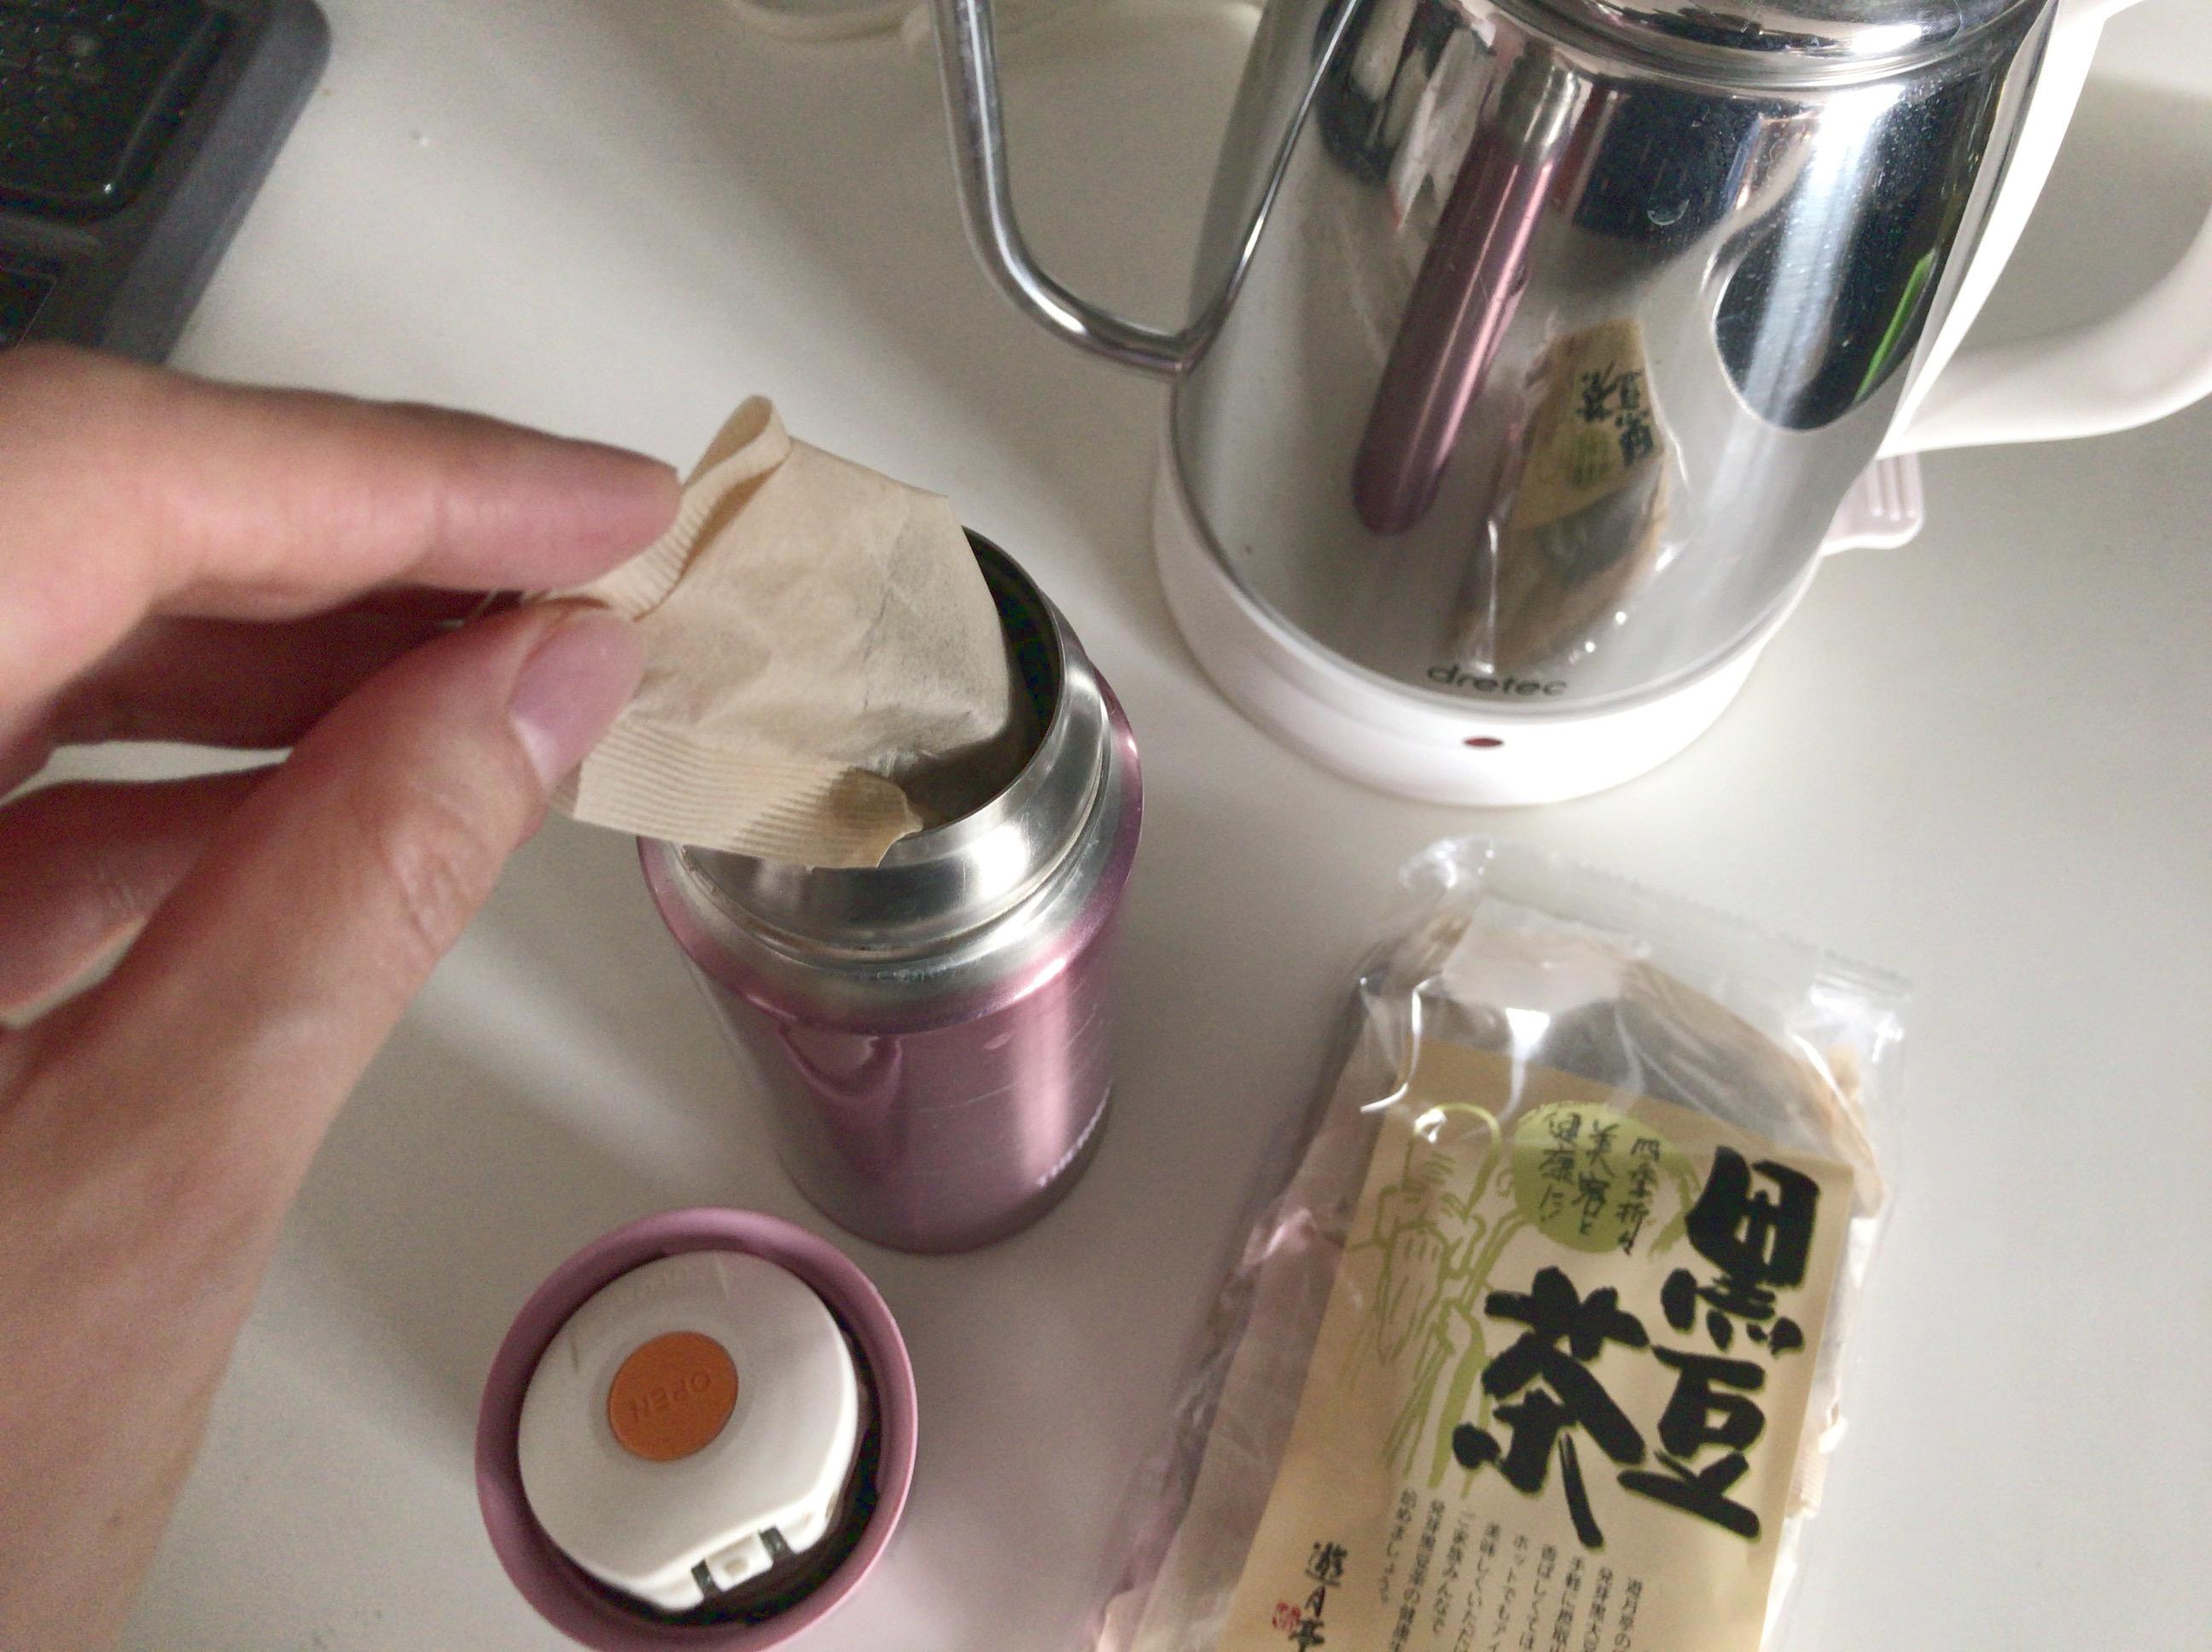 子宮筋腫の人におすすめなお茶「黒豆茶」